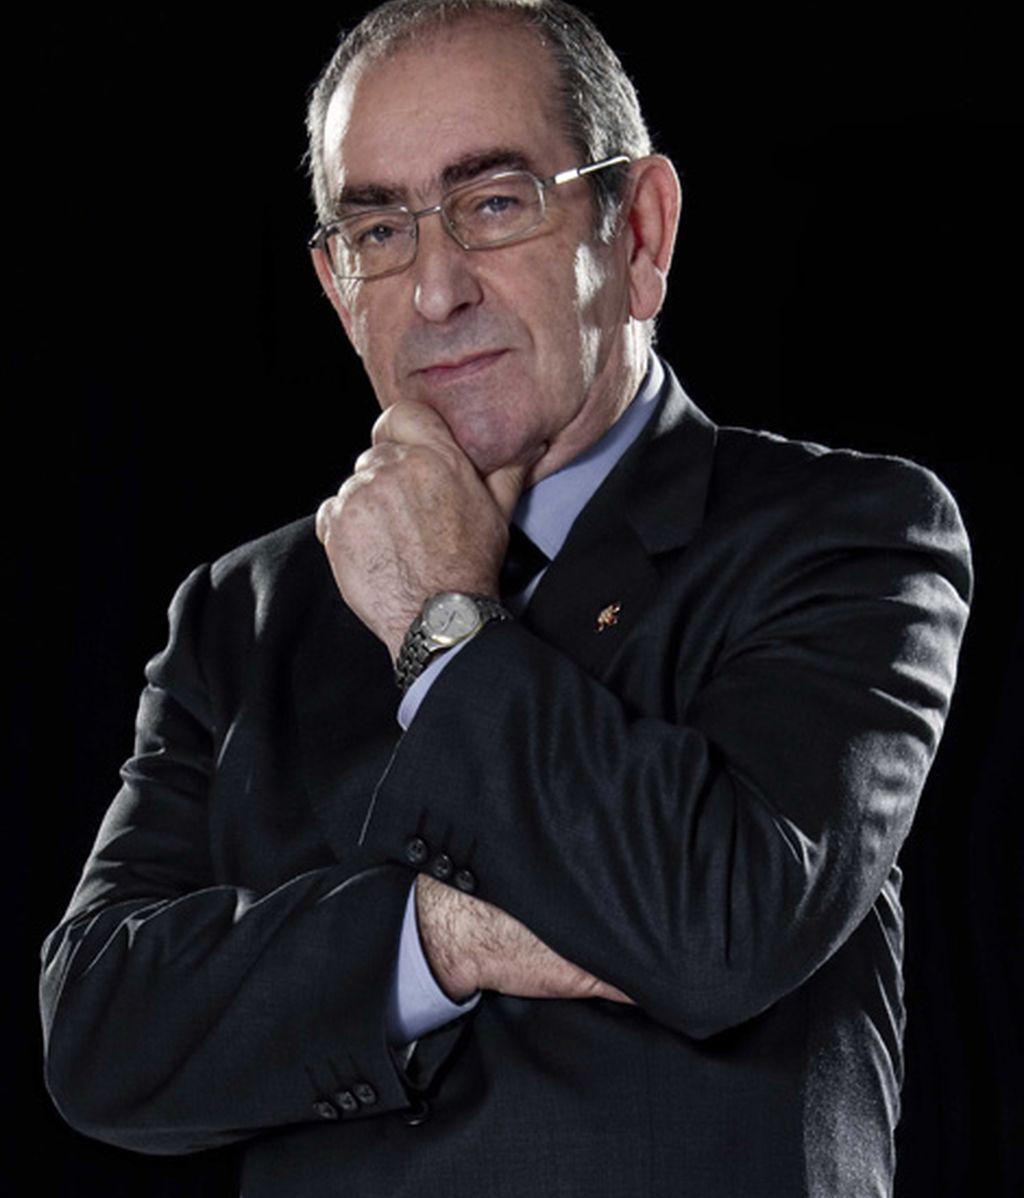 Serafín Castro Frías es comisario principal honorario